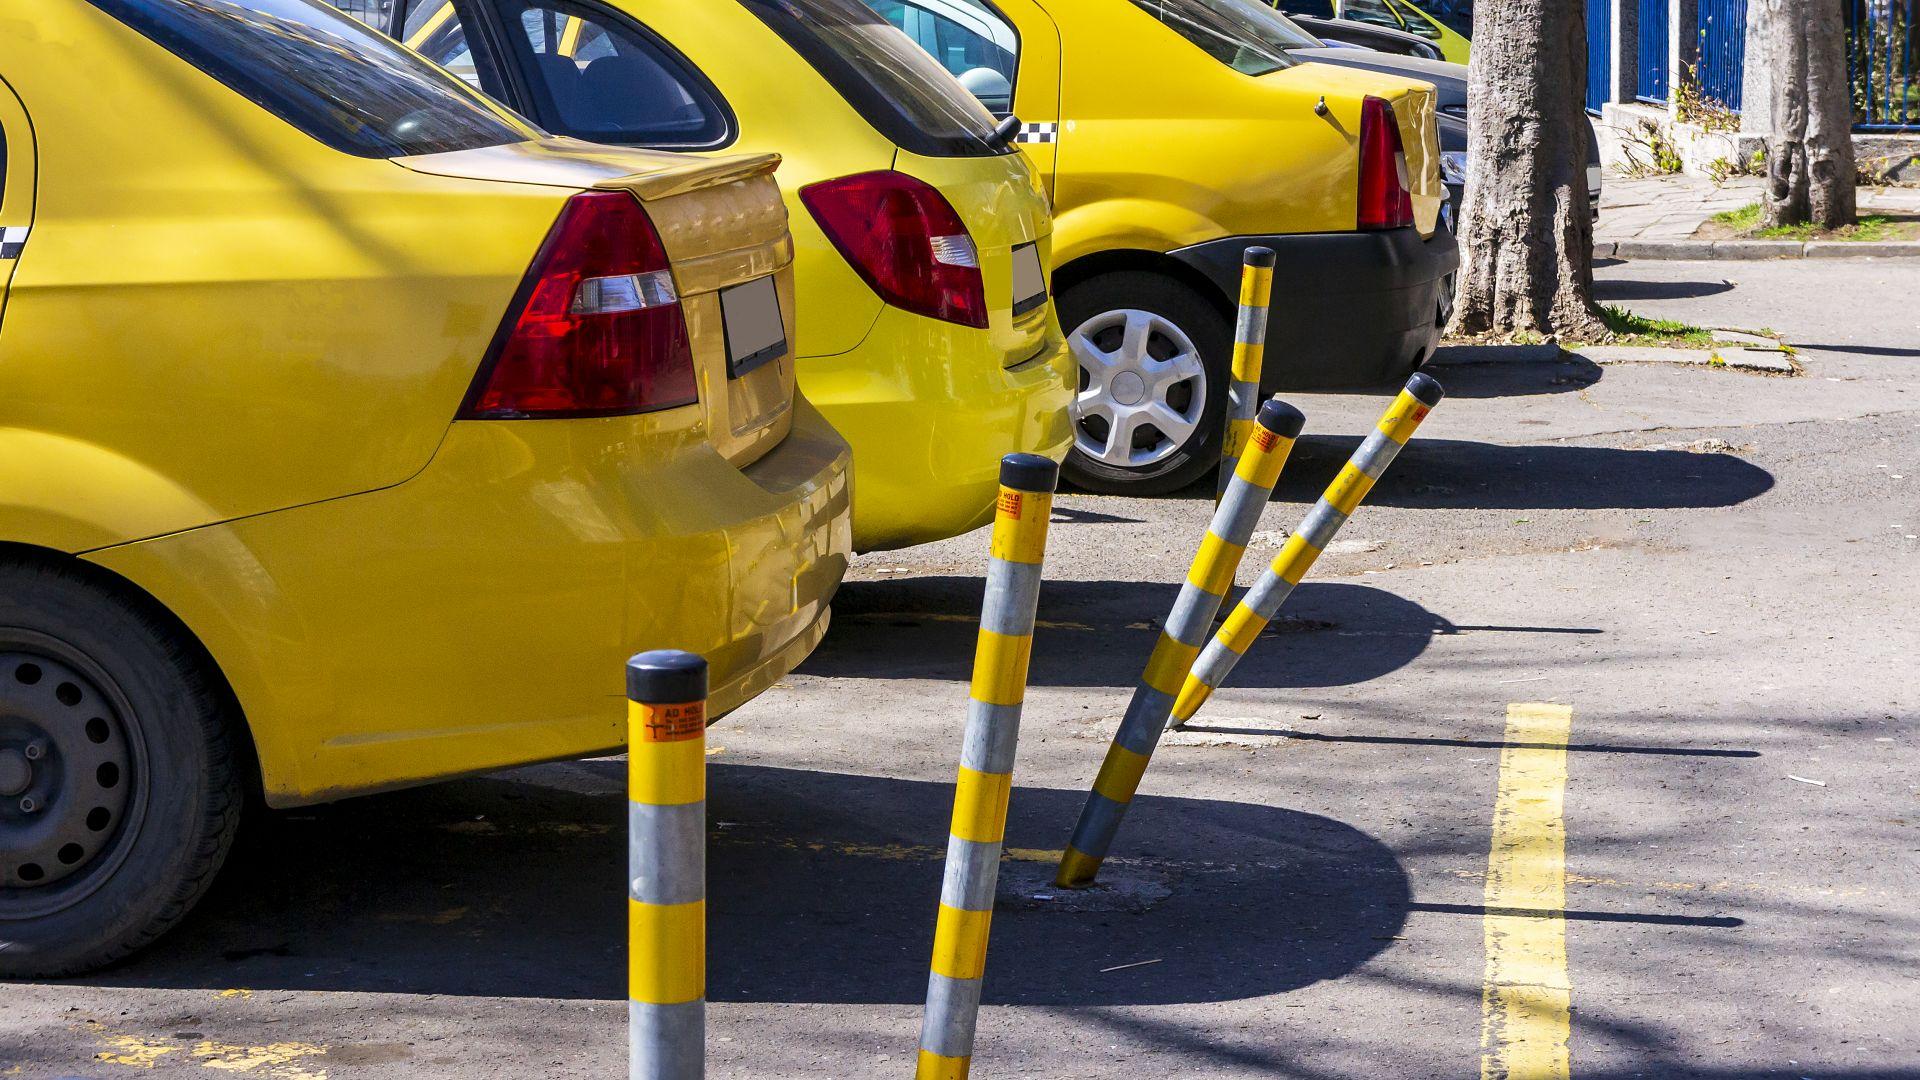 Заради къси курсове: Такситата искат тройнo увеличение на първоначалната такса